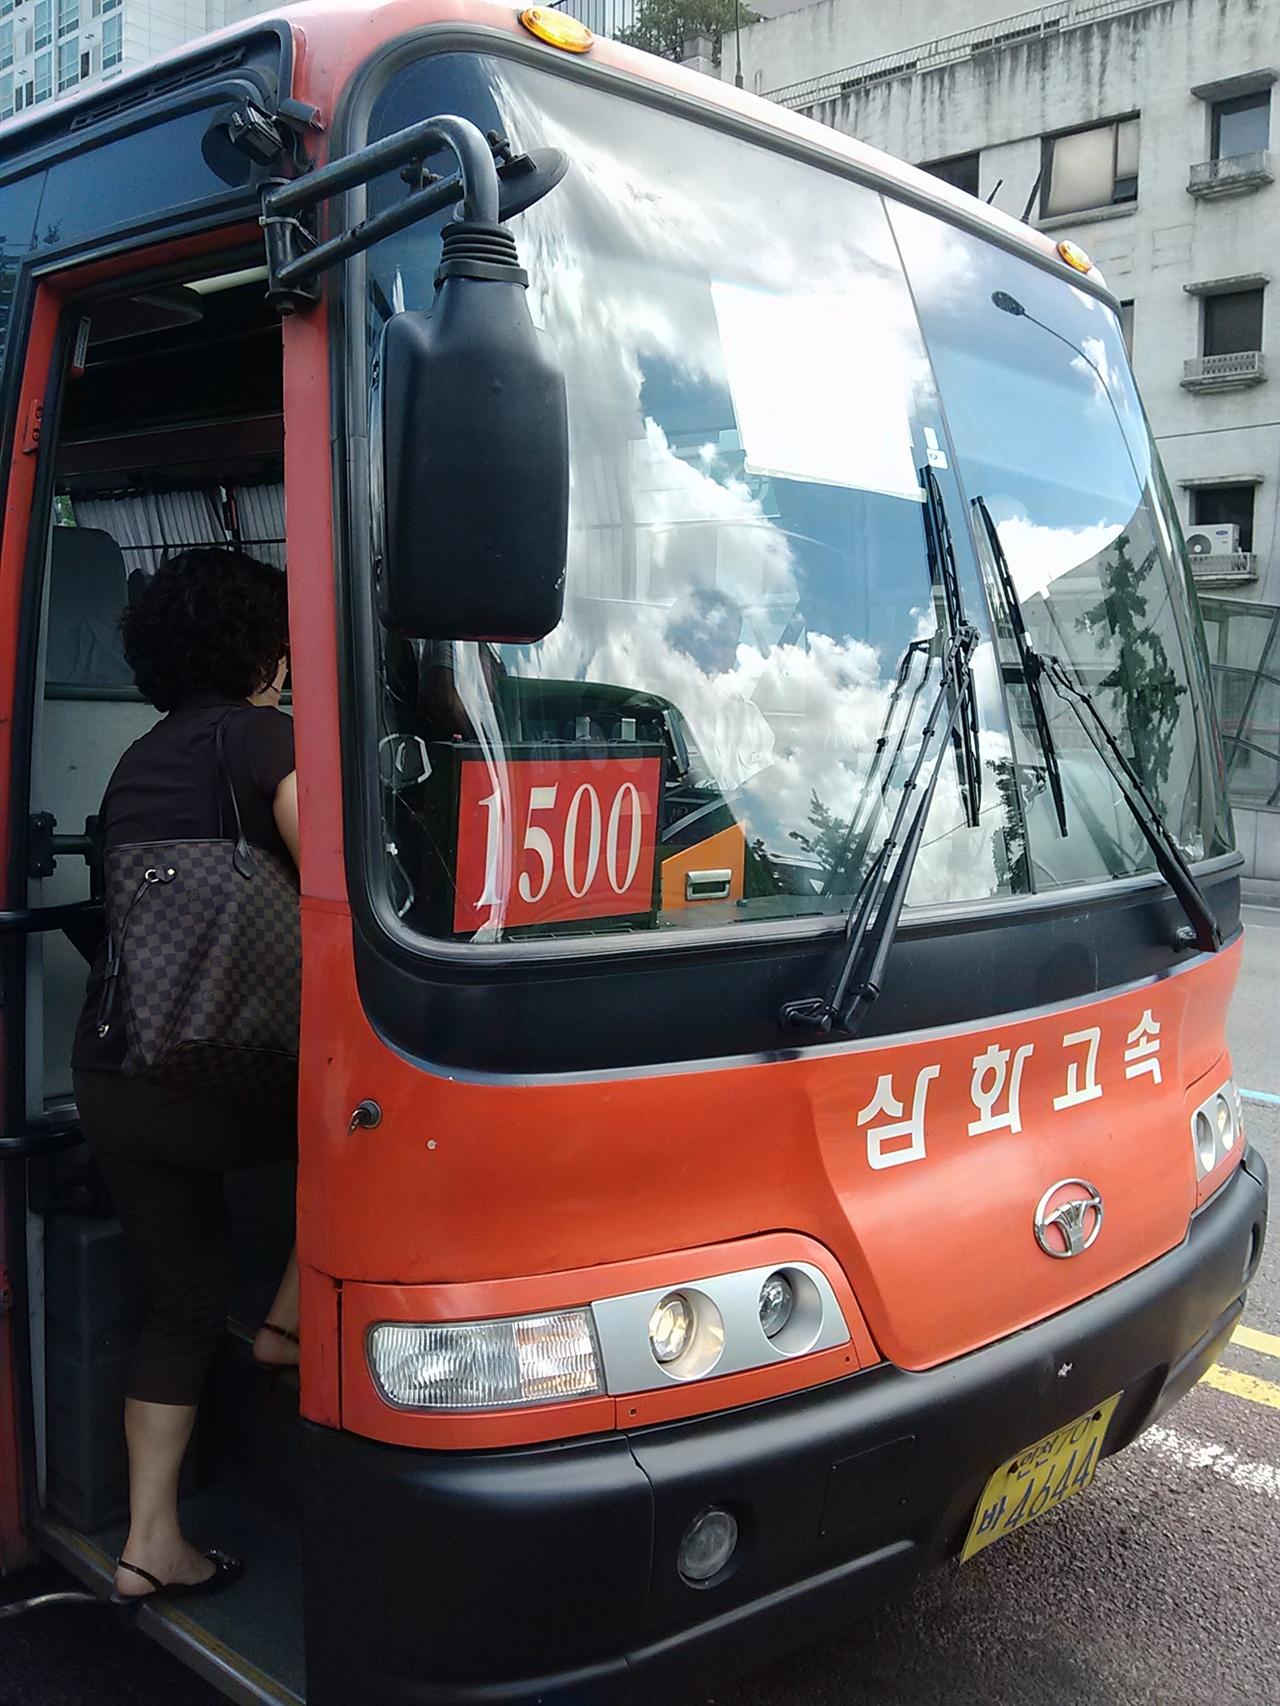 '인천에서 서울가는 버스'하면 삼화고속이 떠올랐던 시절이 있었다. 사진은 1500번.